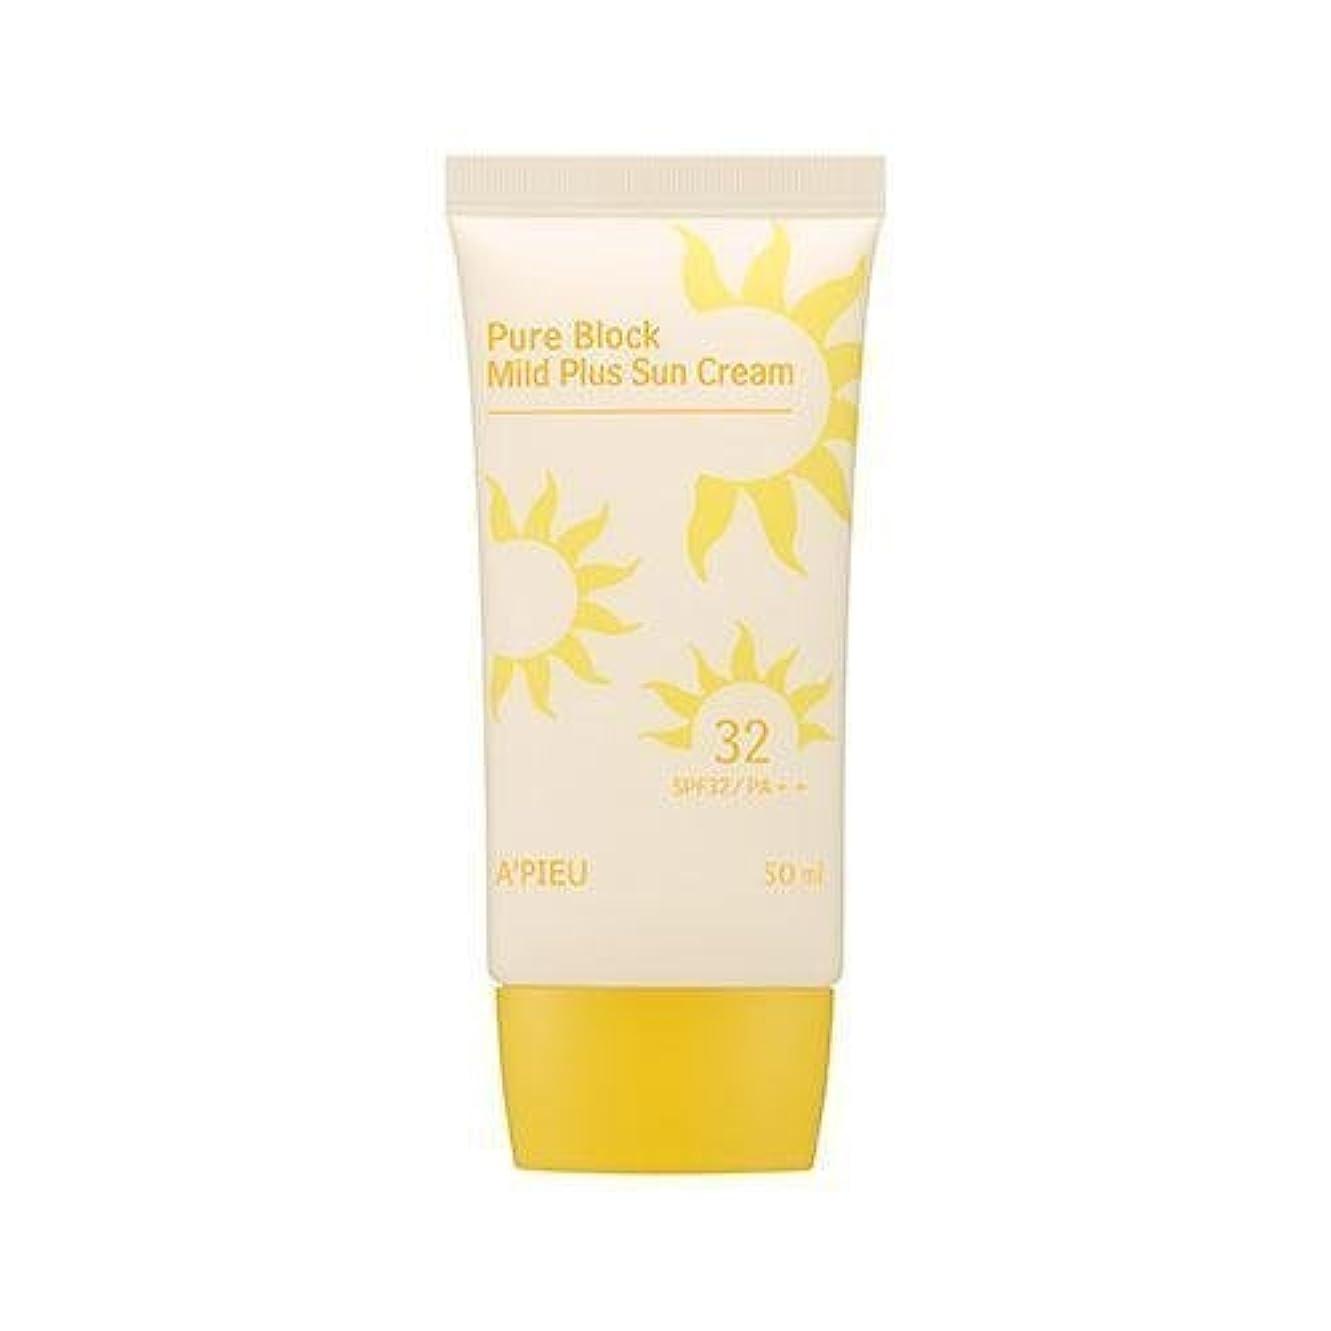 中国コーナーまろやかなAPIEU Pure Block Mild Plus Sun Cream (SPF32/PA++)/ Made in Korea